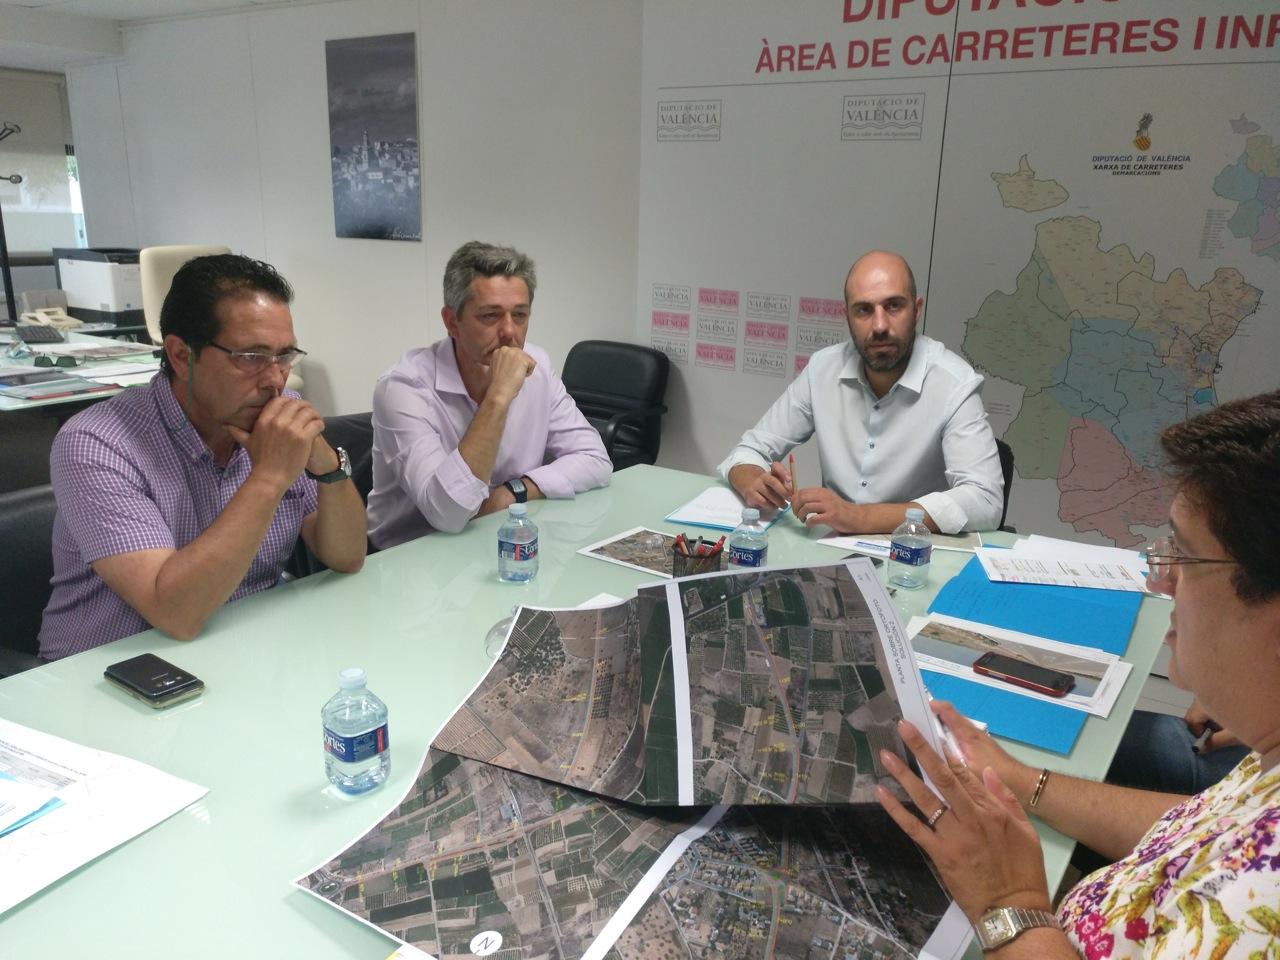 Nuevos pasos de la Diputación de Valencia y el Ayuntamiento de La Pobla de Vallbona hacia una vía ciclopeatonal que una el municipio y L'Eliana en paralelo a la CV-375.